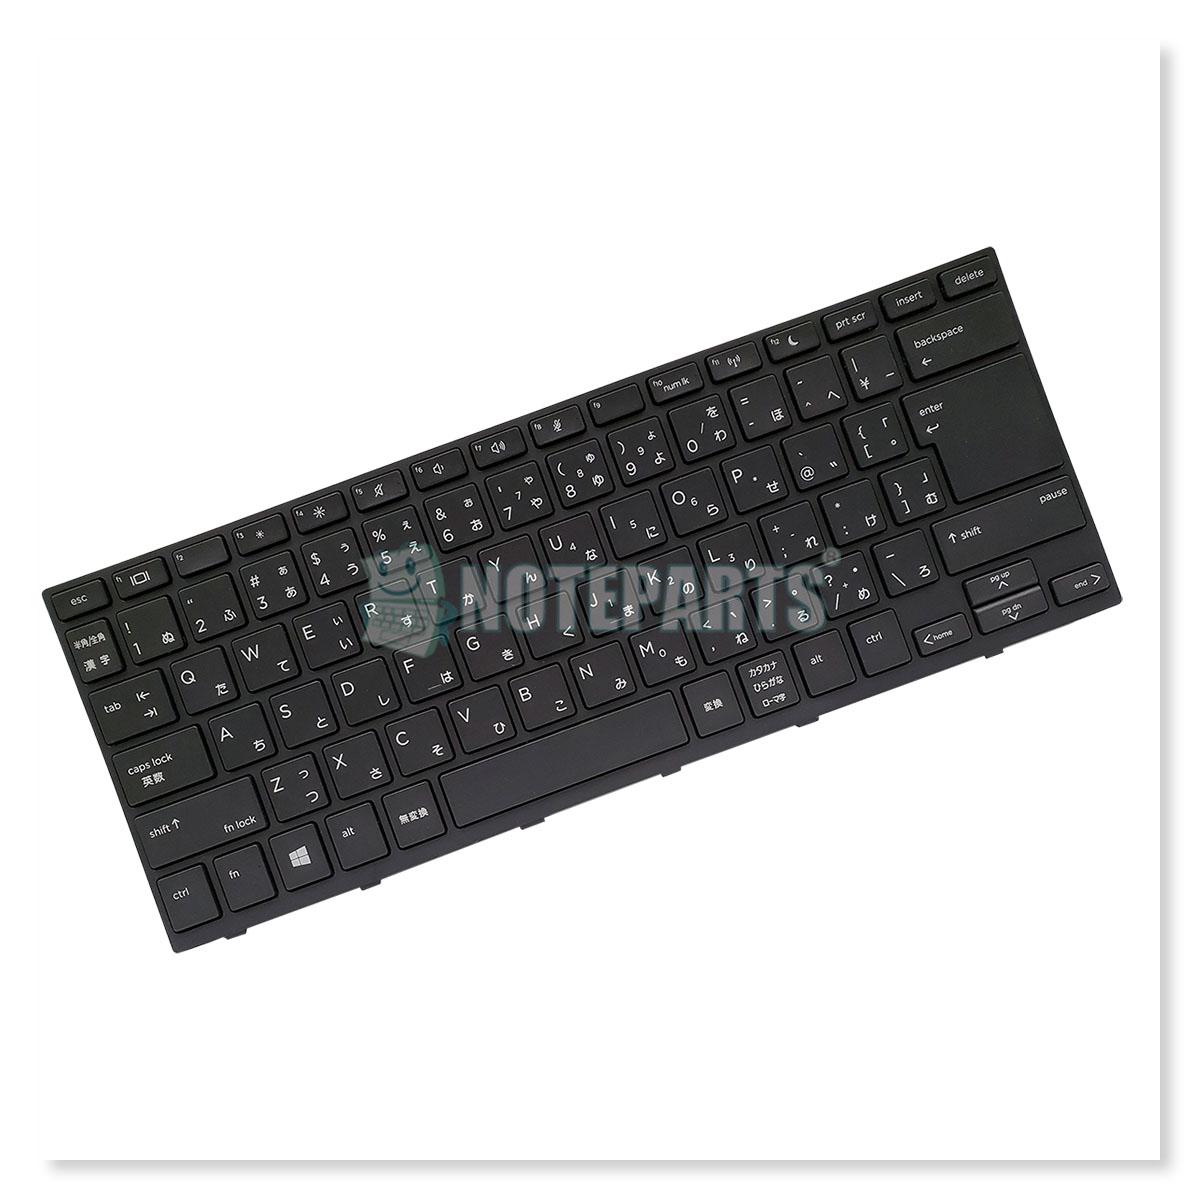 HP ProBook 430 G5 日本語キーボード 外枠付き